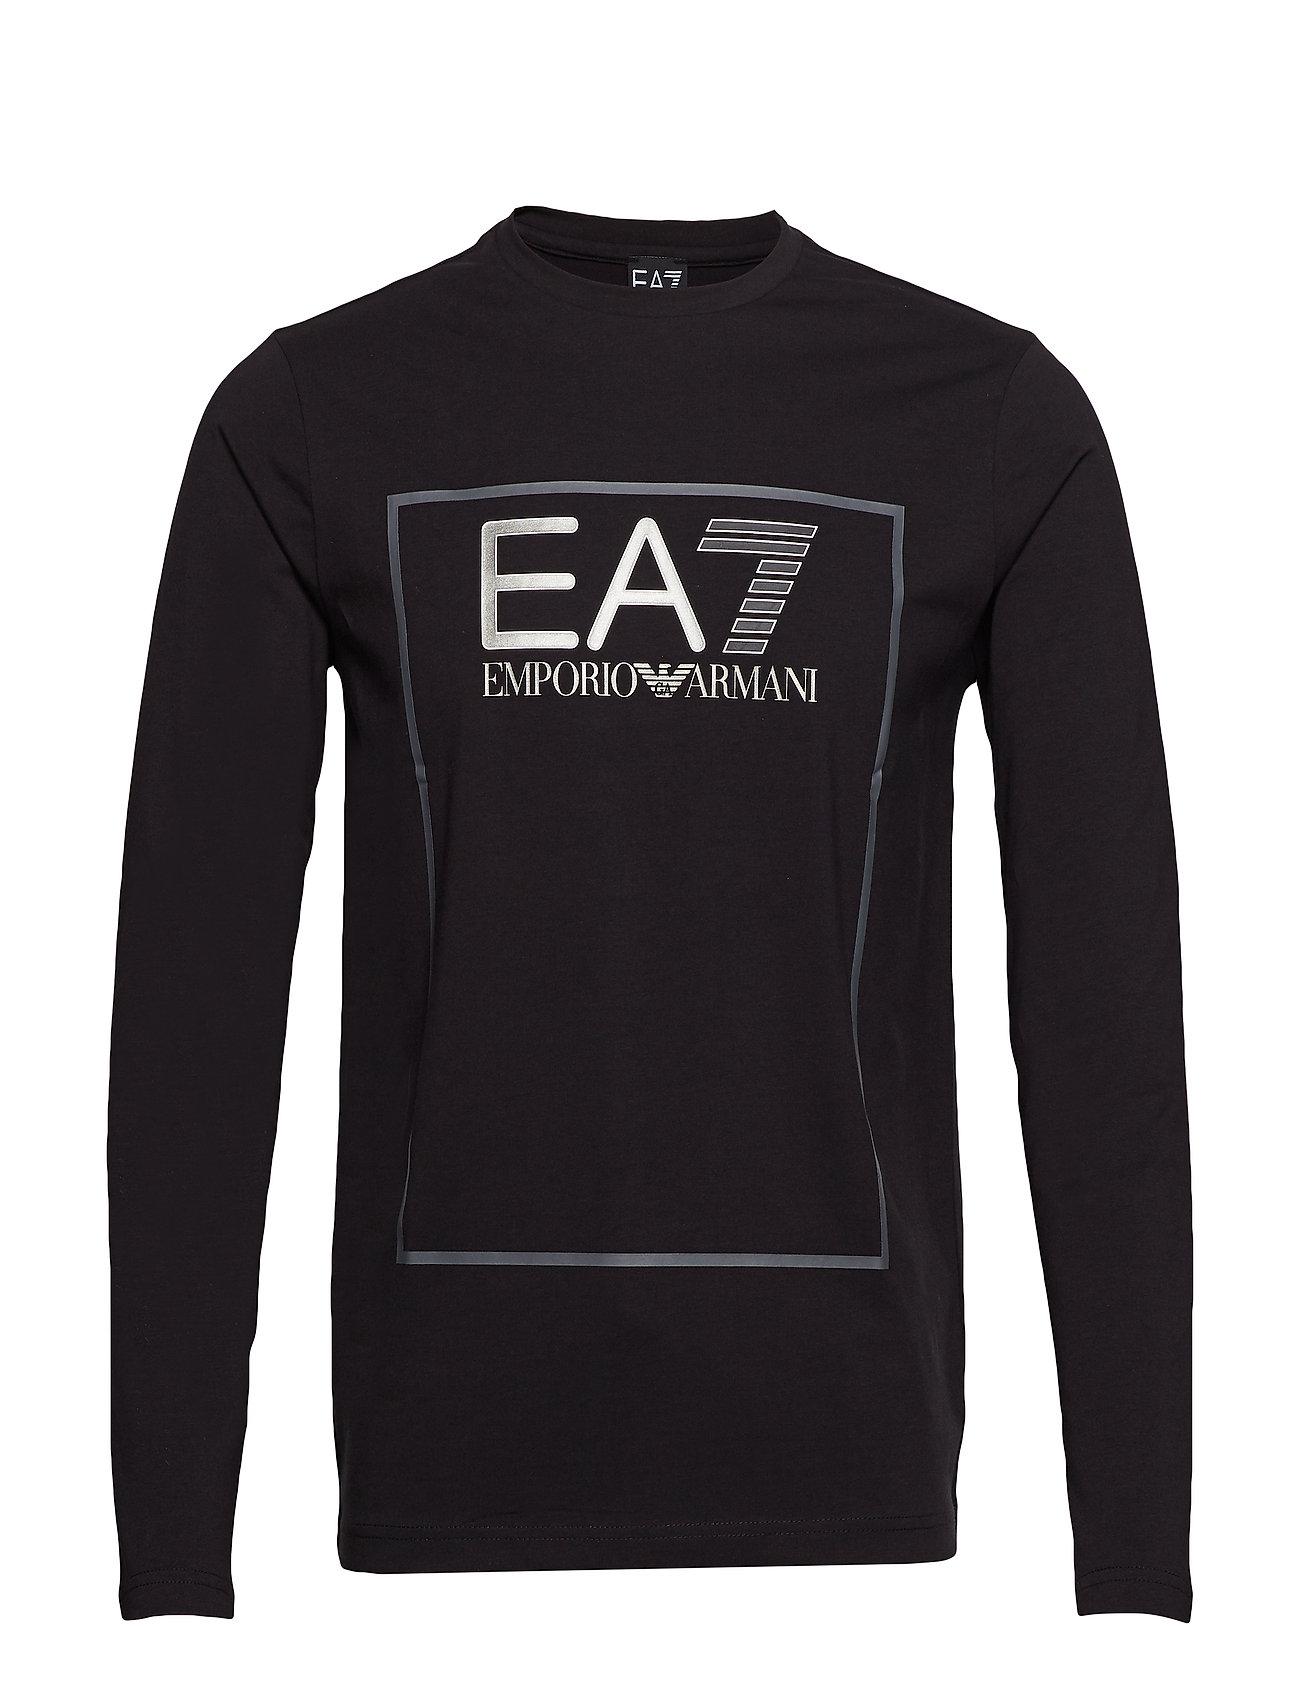 EA7 L/S T-SHIRT - BLACK